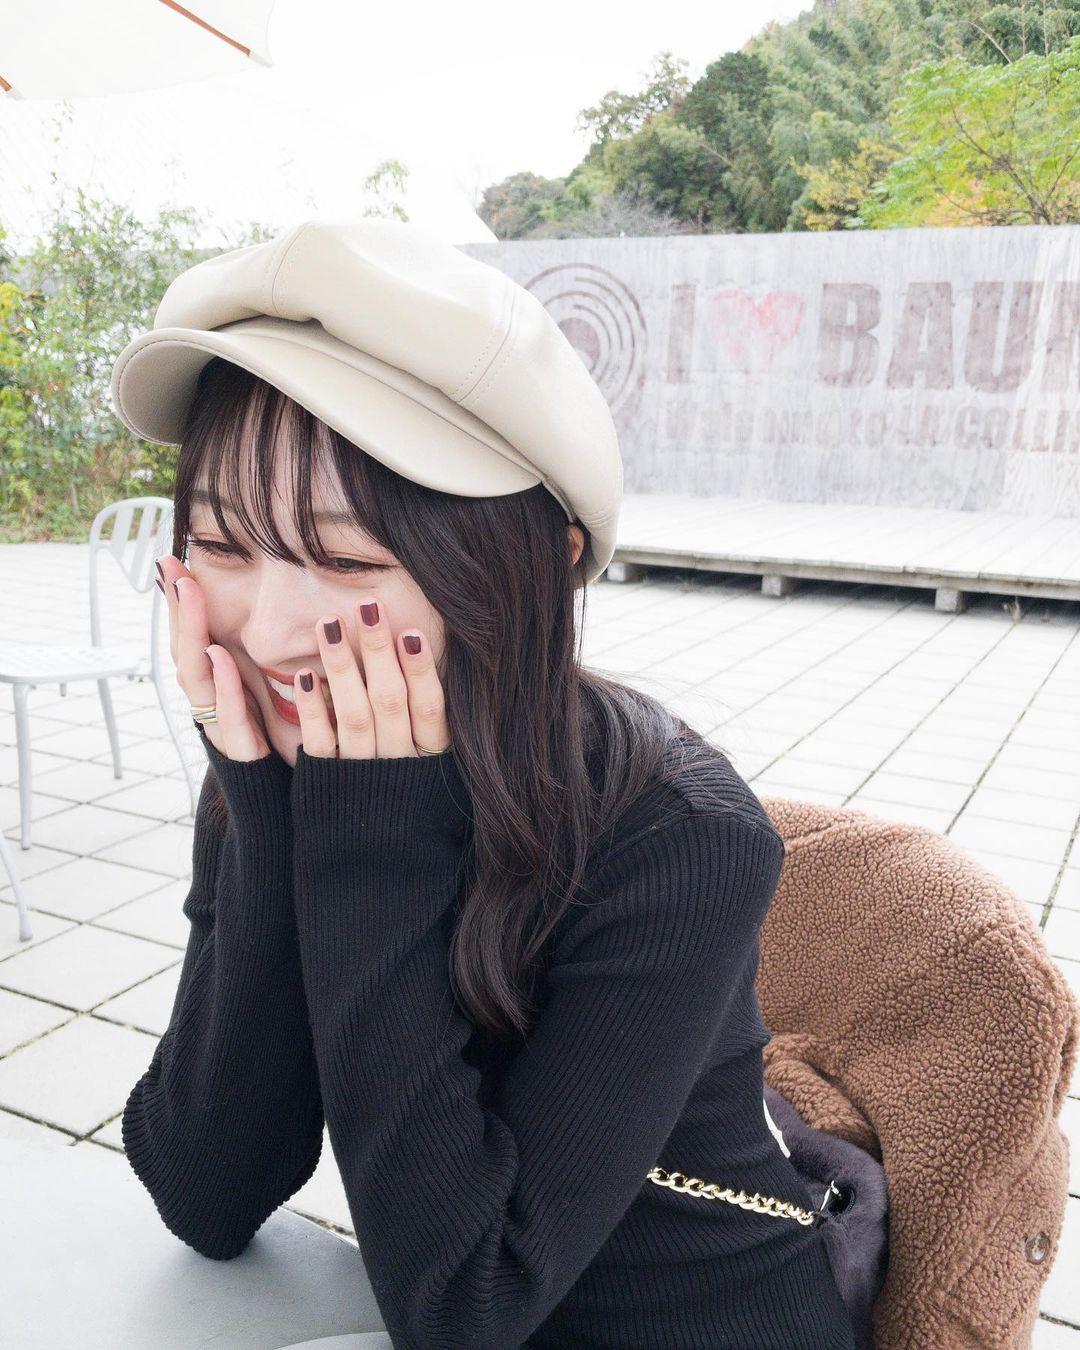 NMB48次世代王牌山本彩加引退转当护理师超暖原因让人更爱她了 网络美女 第48张